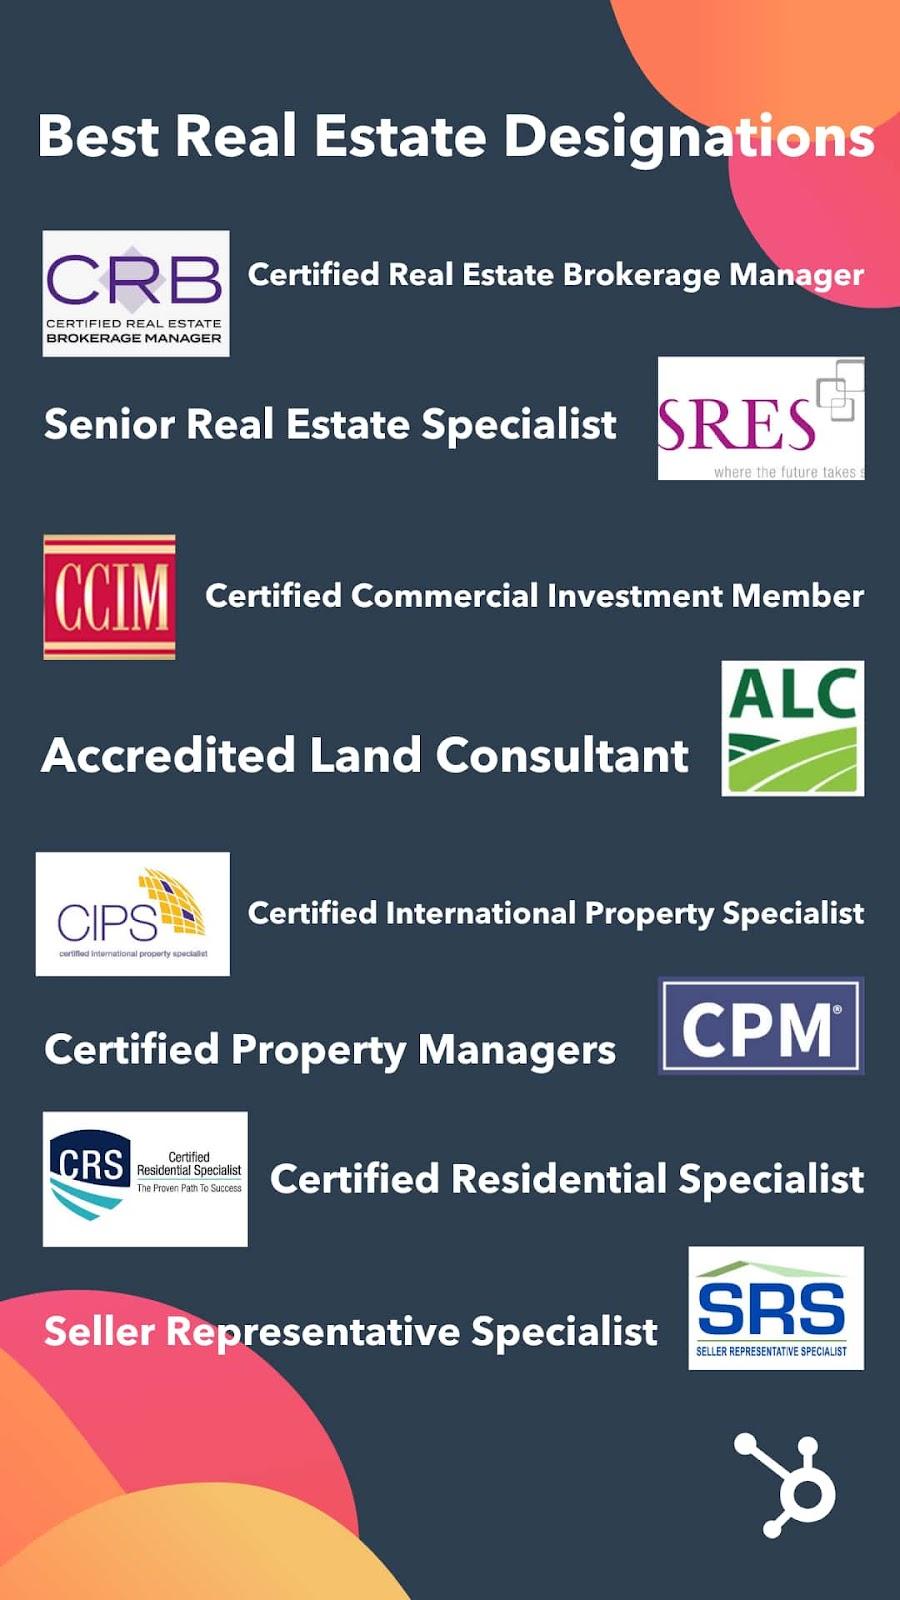 Best real estate designations